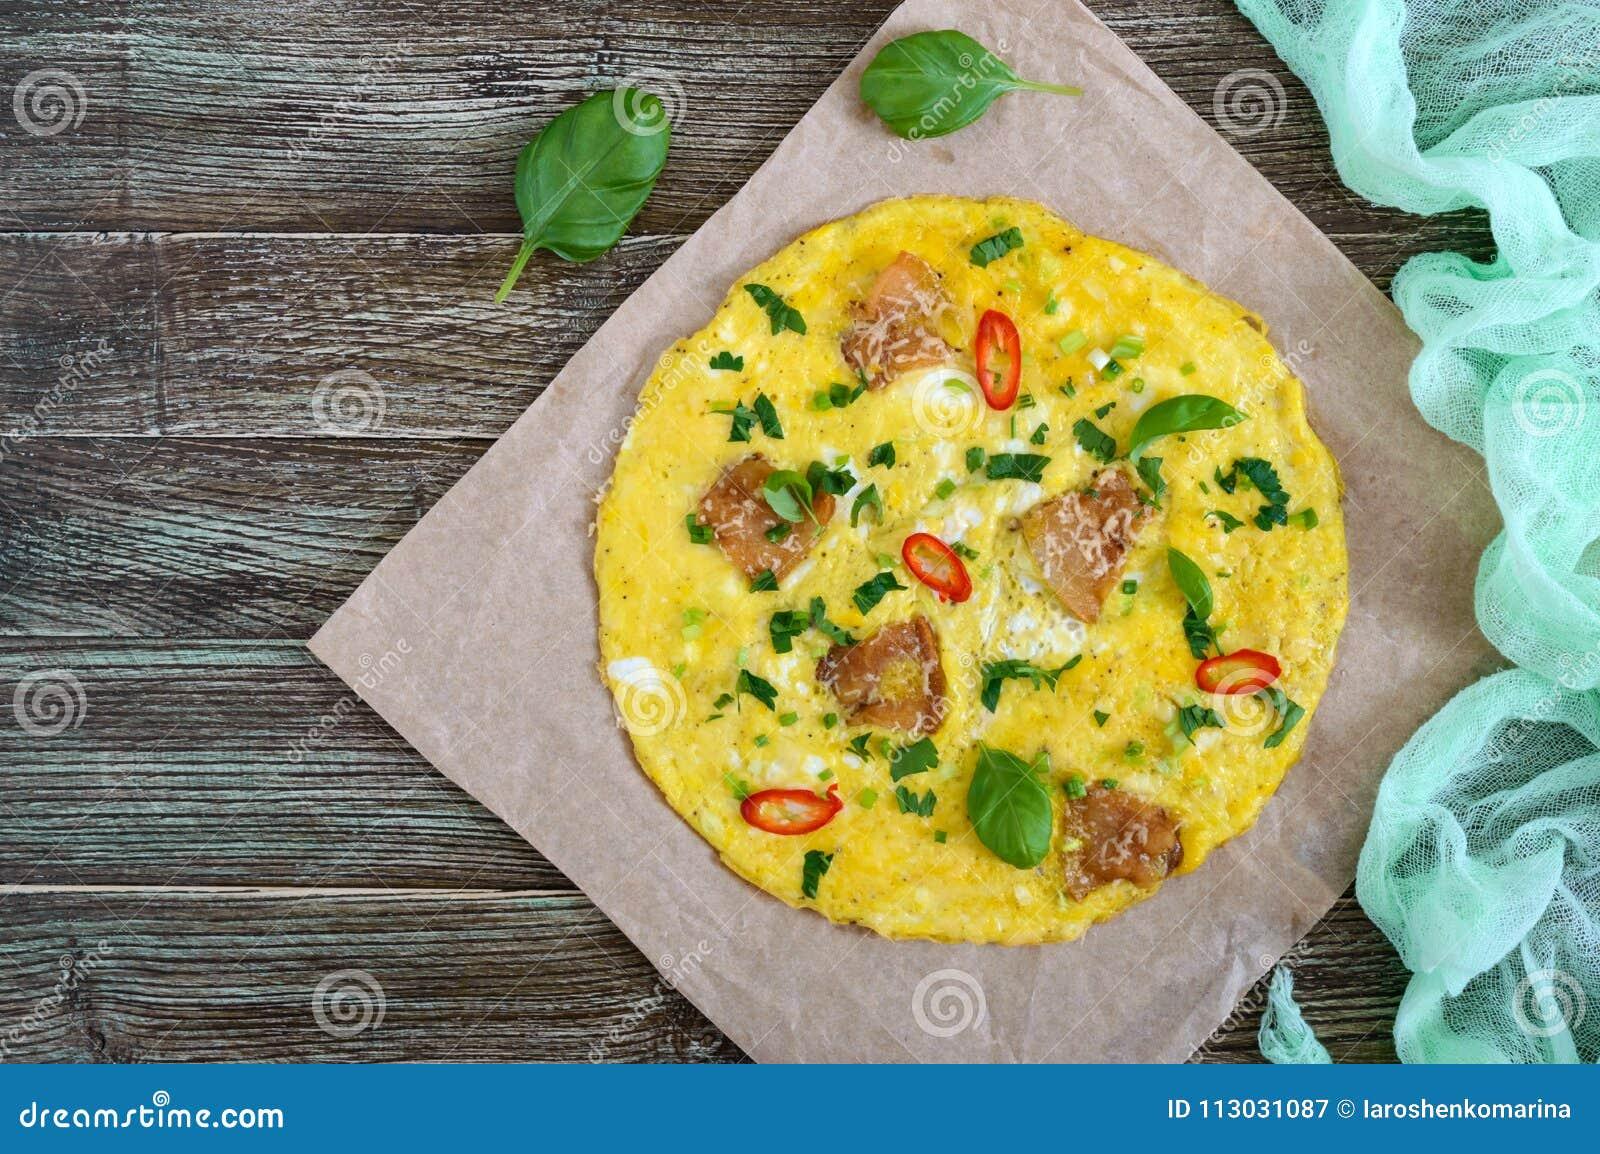 Tortilla con tocino, verdes y queso en una tabla de madera Desayuno